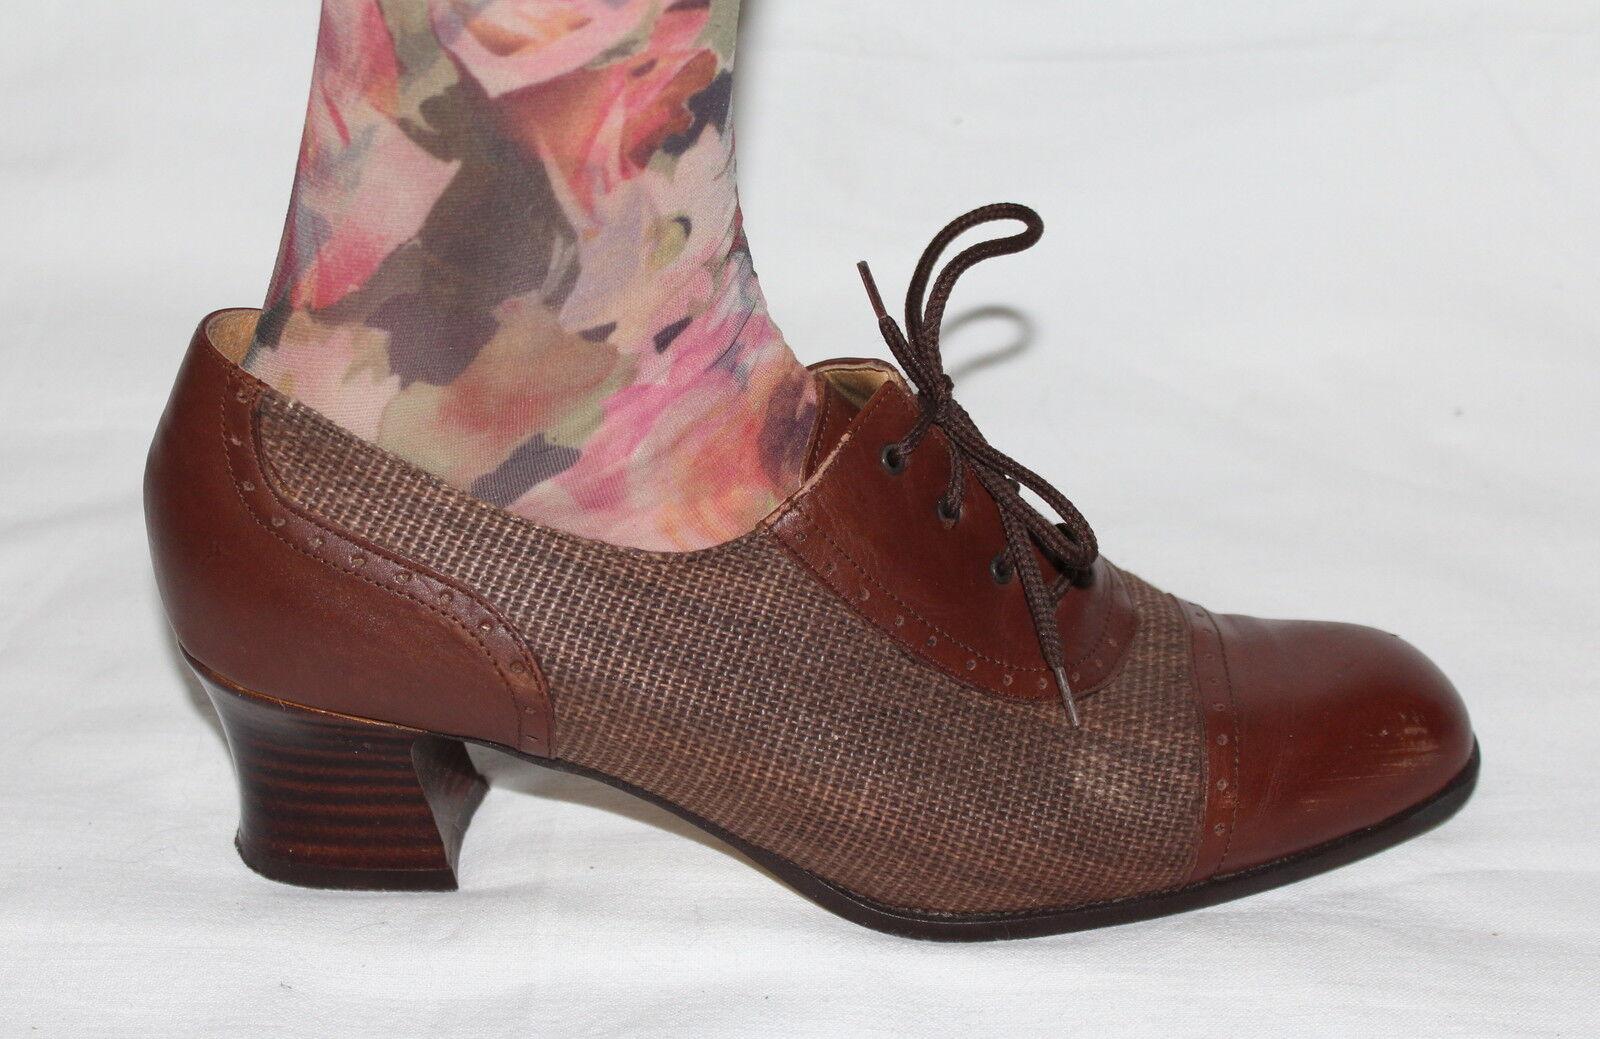 80er 80s Vintage Leder Damen Budapester Schuhe 41 Leder Lace Up PUMPS BROGUES